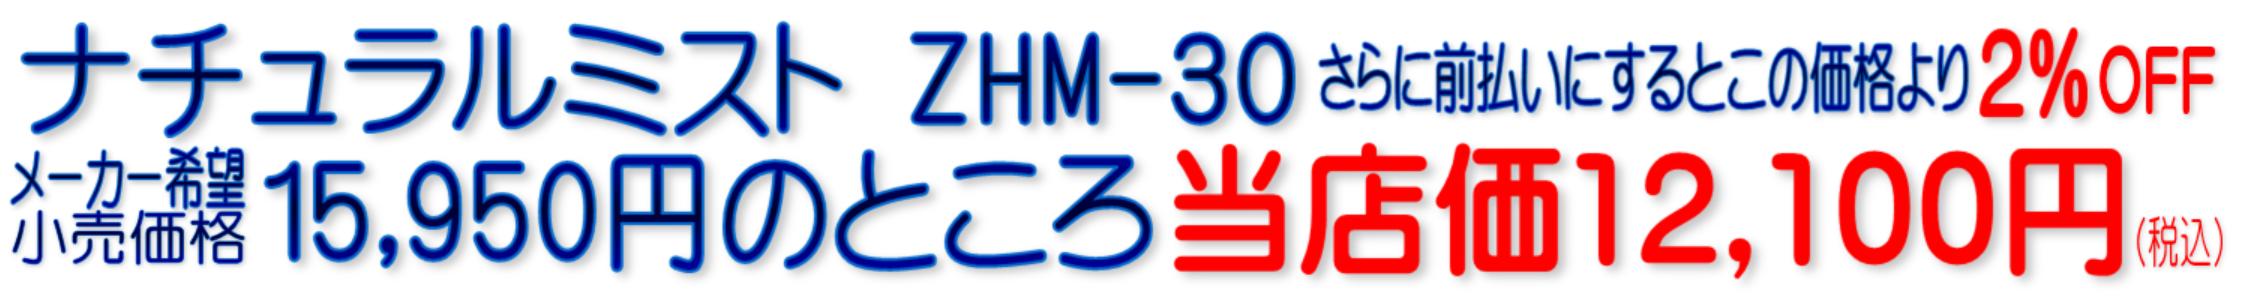 ナチュラルミスト ZHM-30